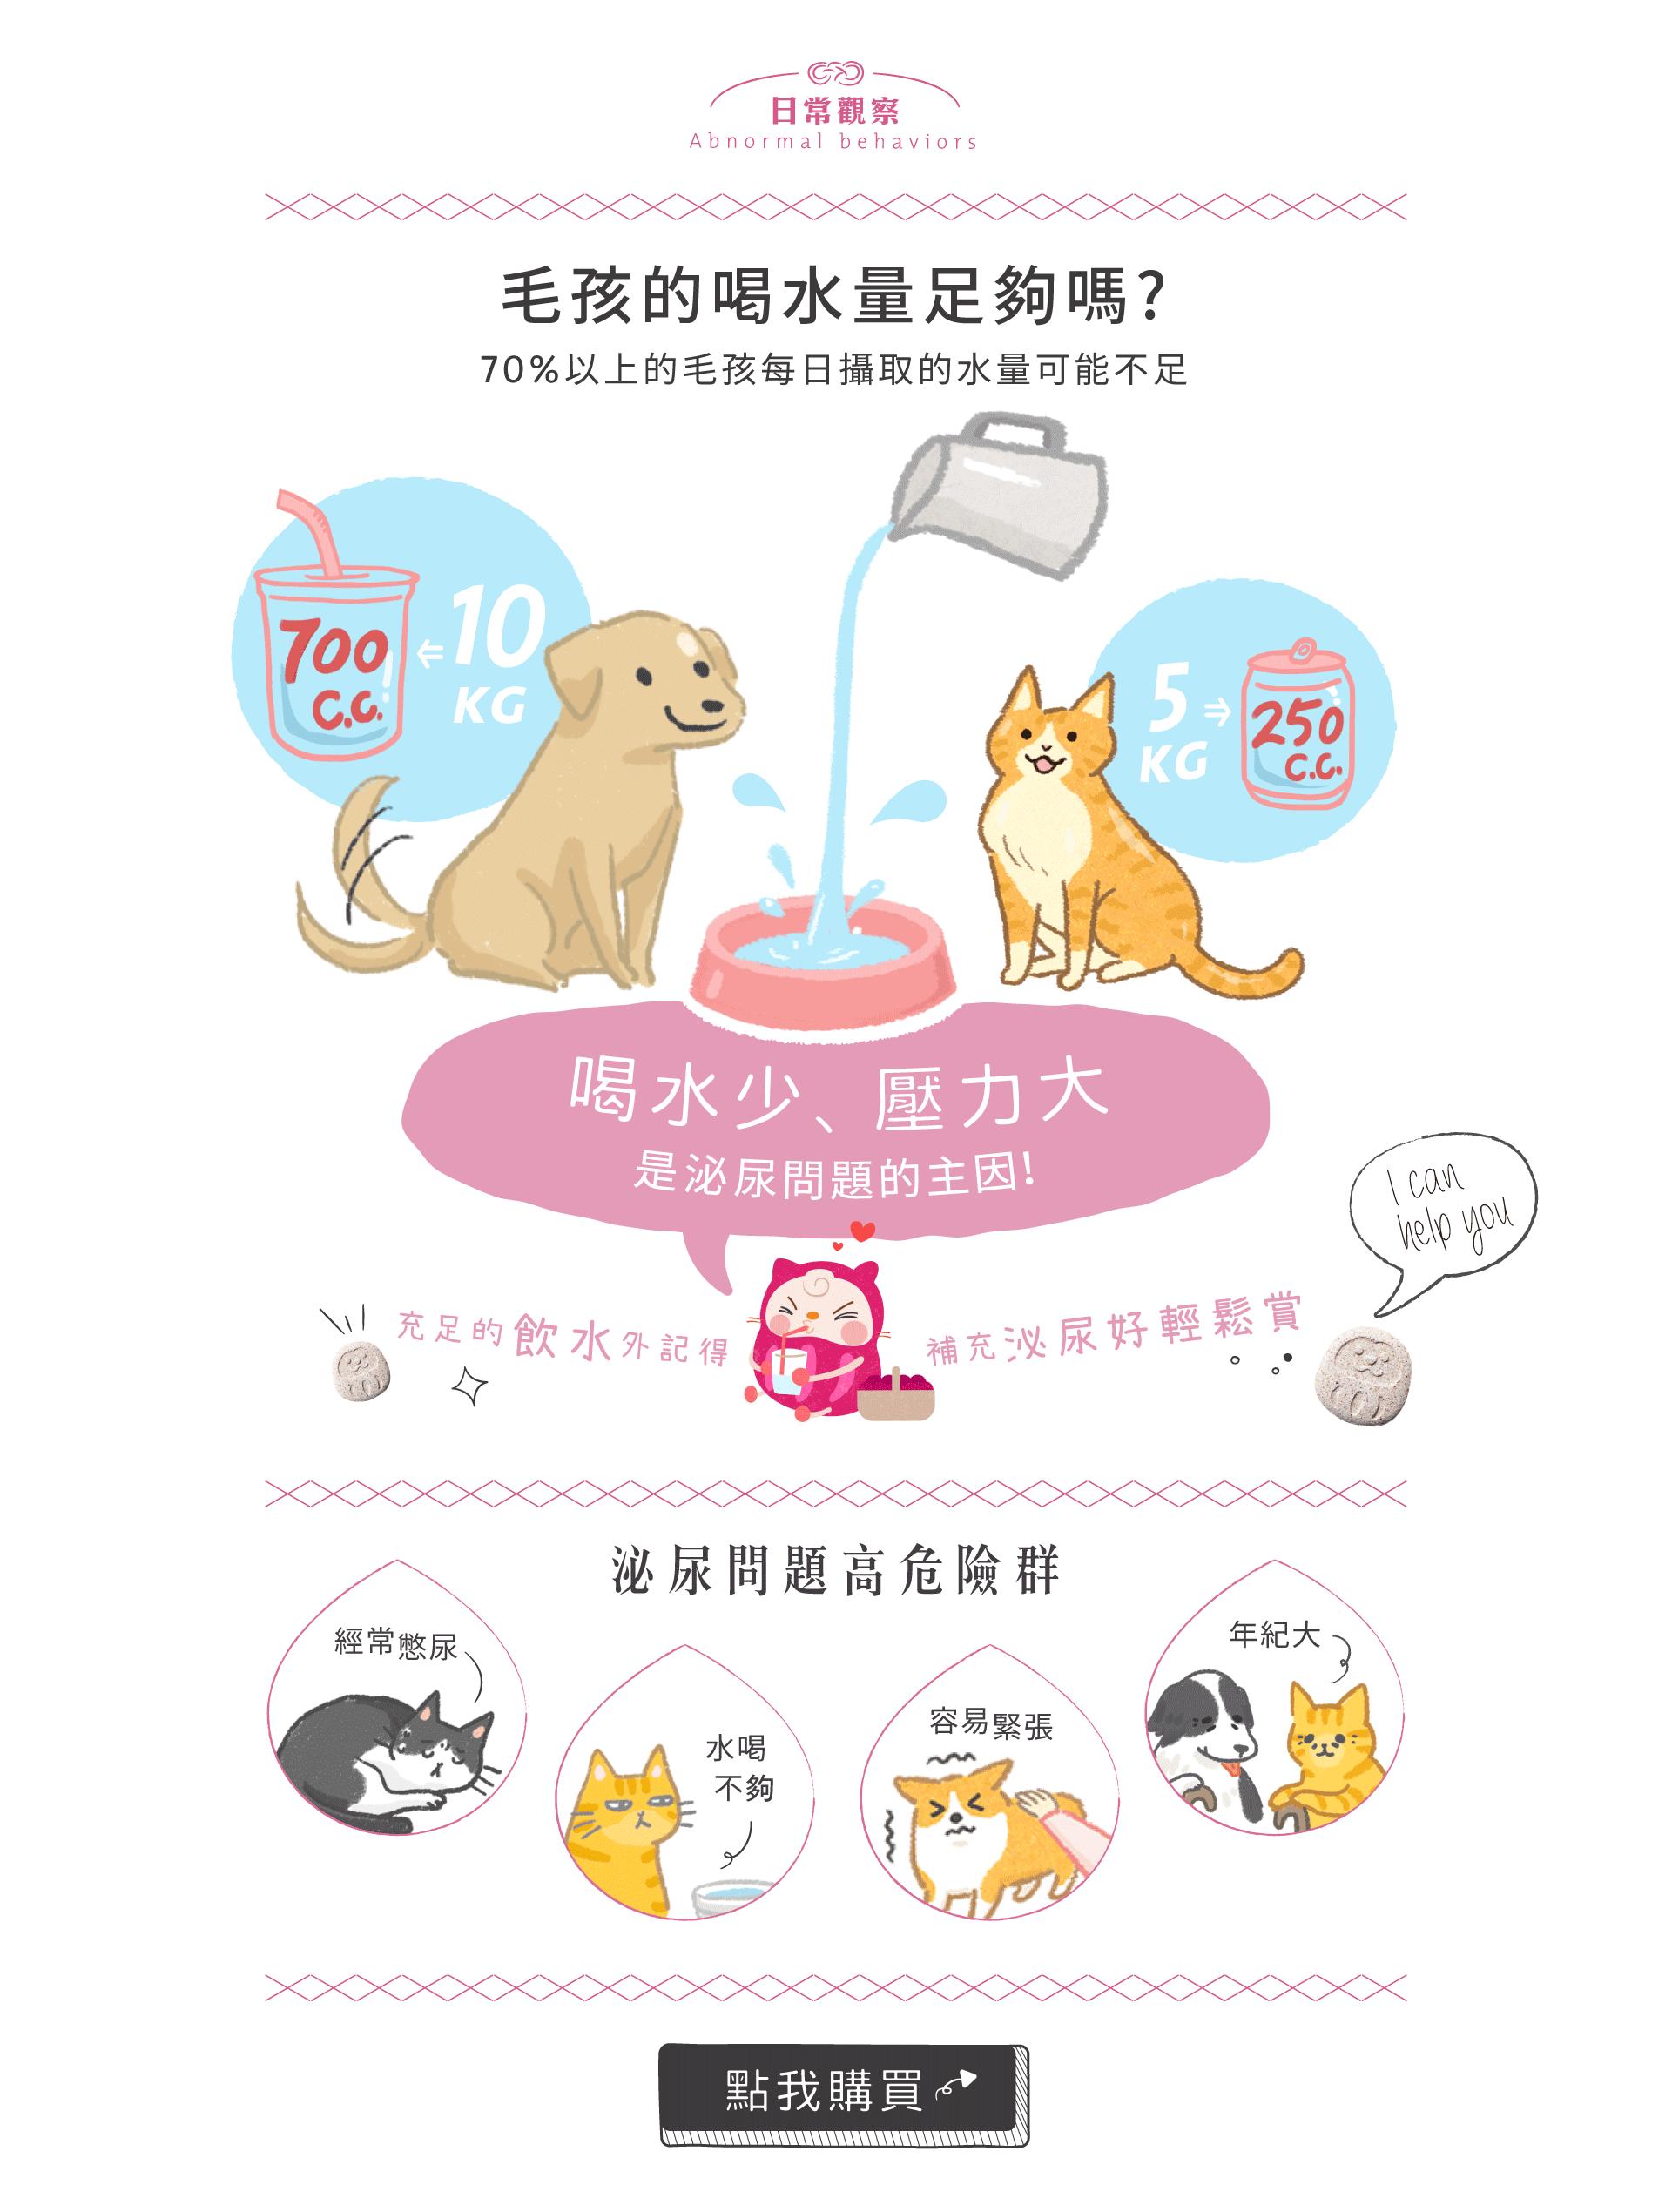 70%以上的寵物每日攝取的水量可能不足,你家毛孩喝水量足夠嗎?喝水少、壓力大是狗貓泌尿問題的主因。充足的飲水外,記得補充泌尿好輕鬆賞!經常憋尿、水喝不夠、容易緊張、年紀漸大,都是犬貓泌尿問題的高危險族群。